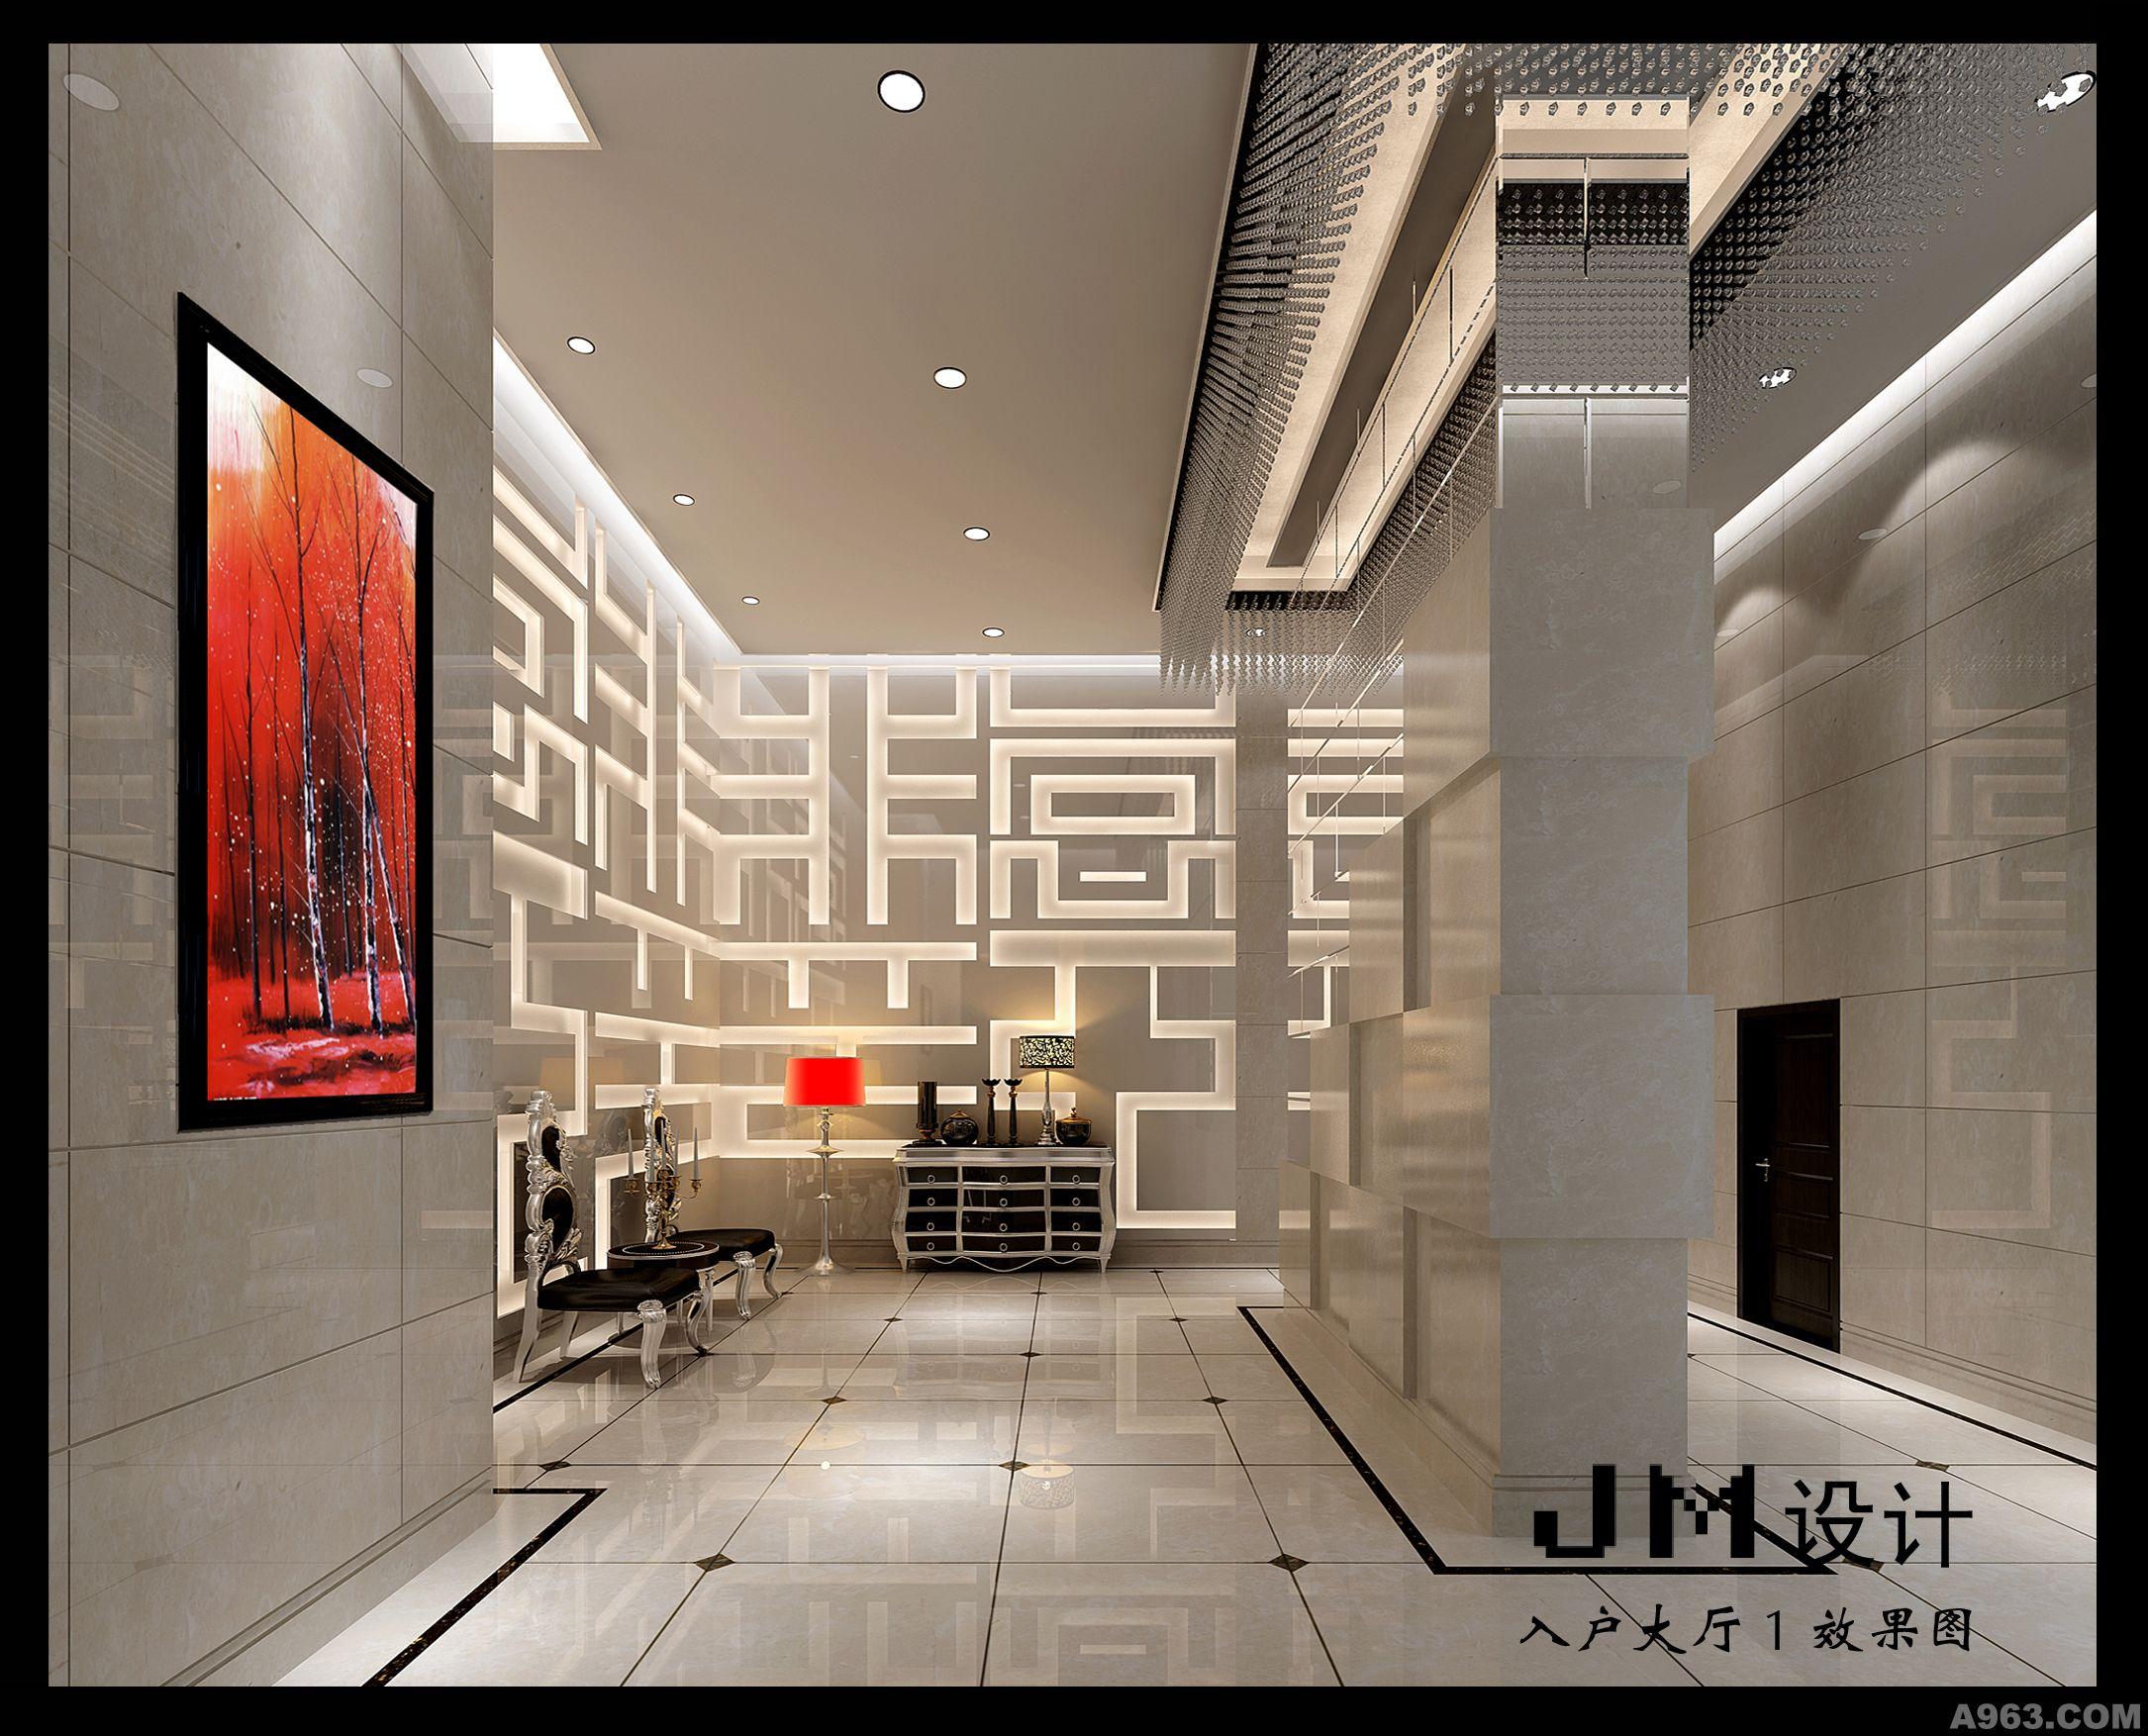 某楼盘入户大厅 - 成都商业空间设计作品